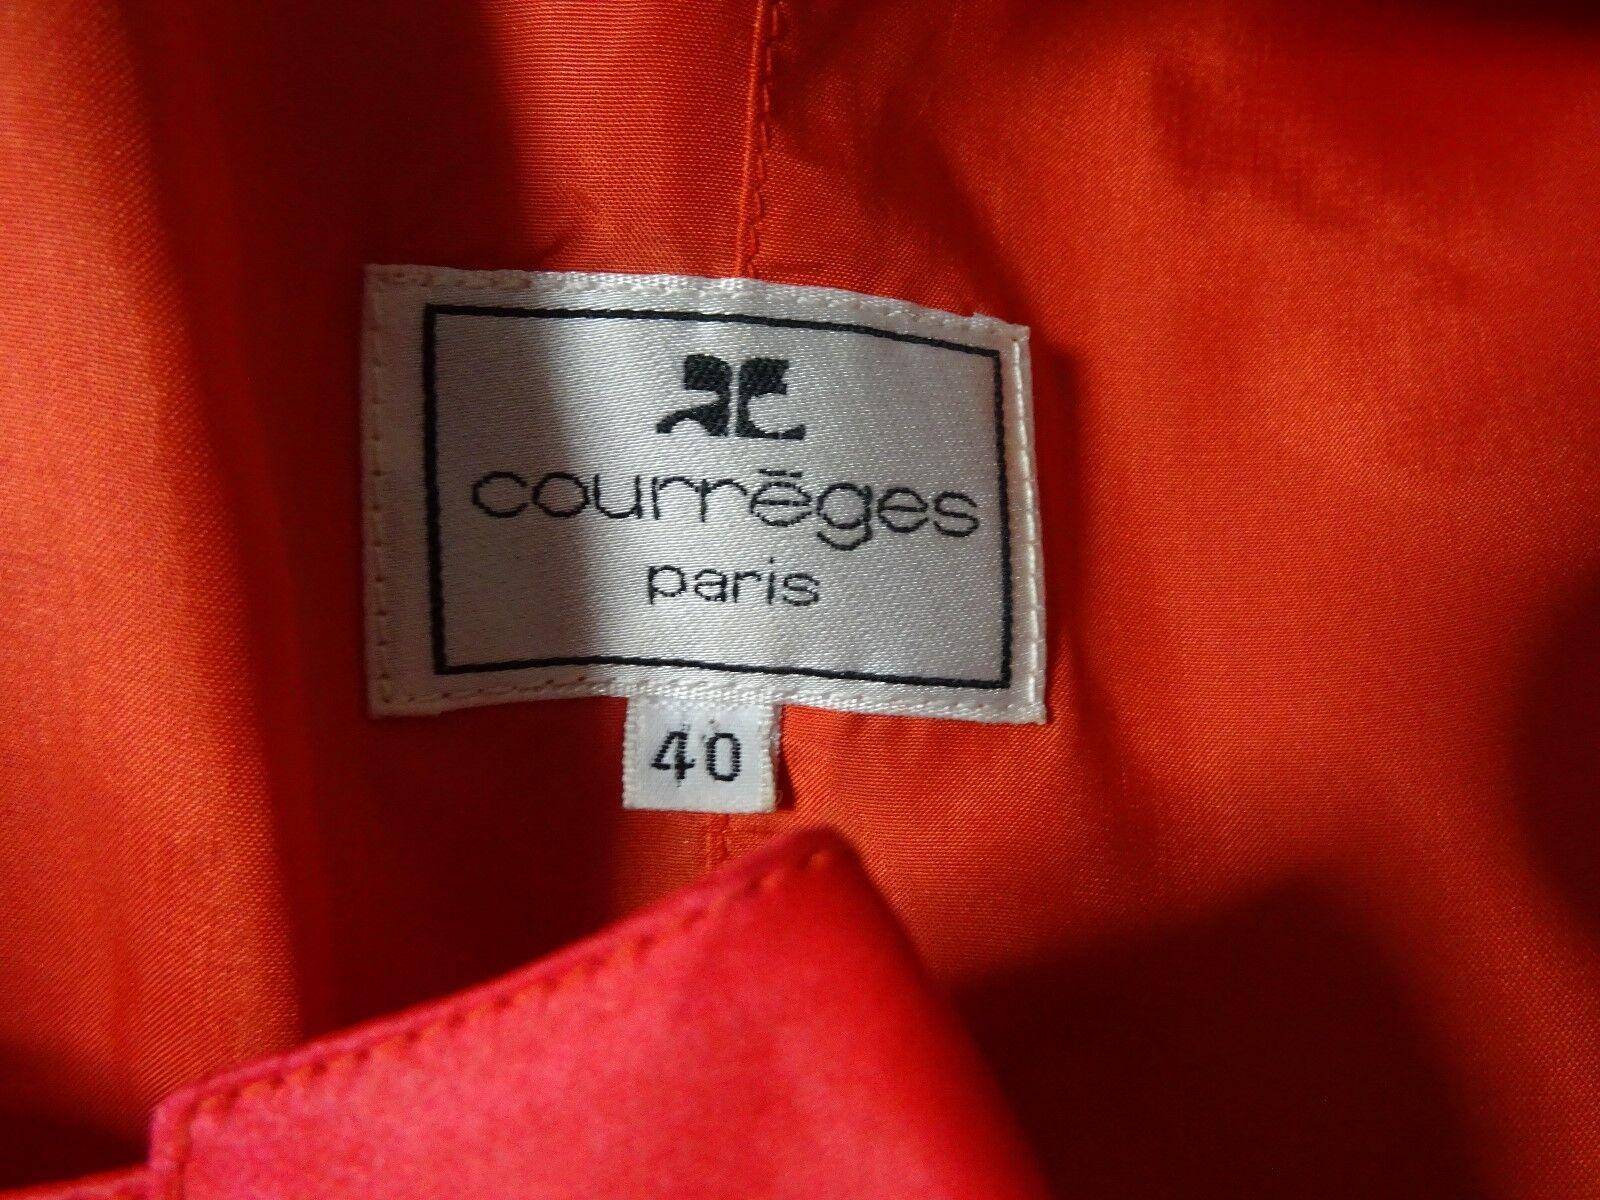 Robe courreges soie t. 40